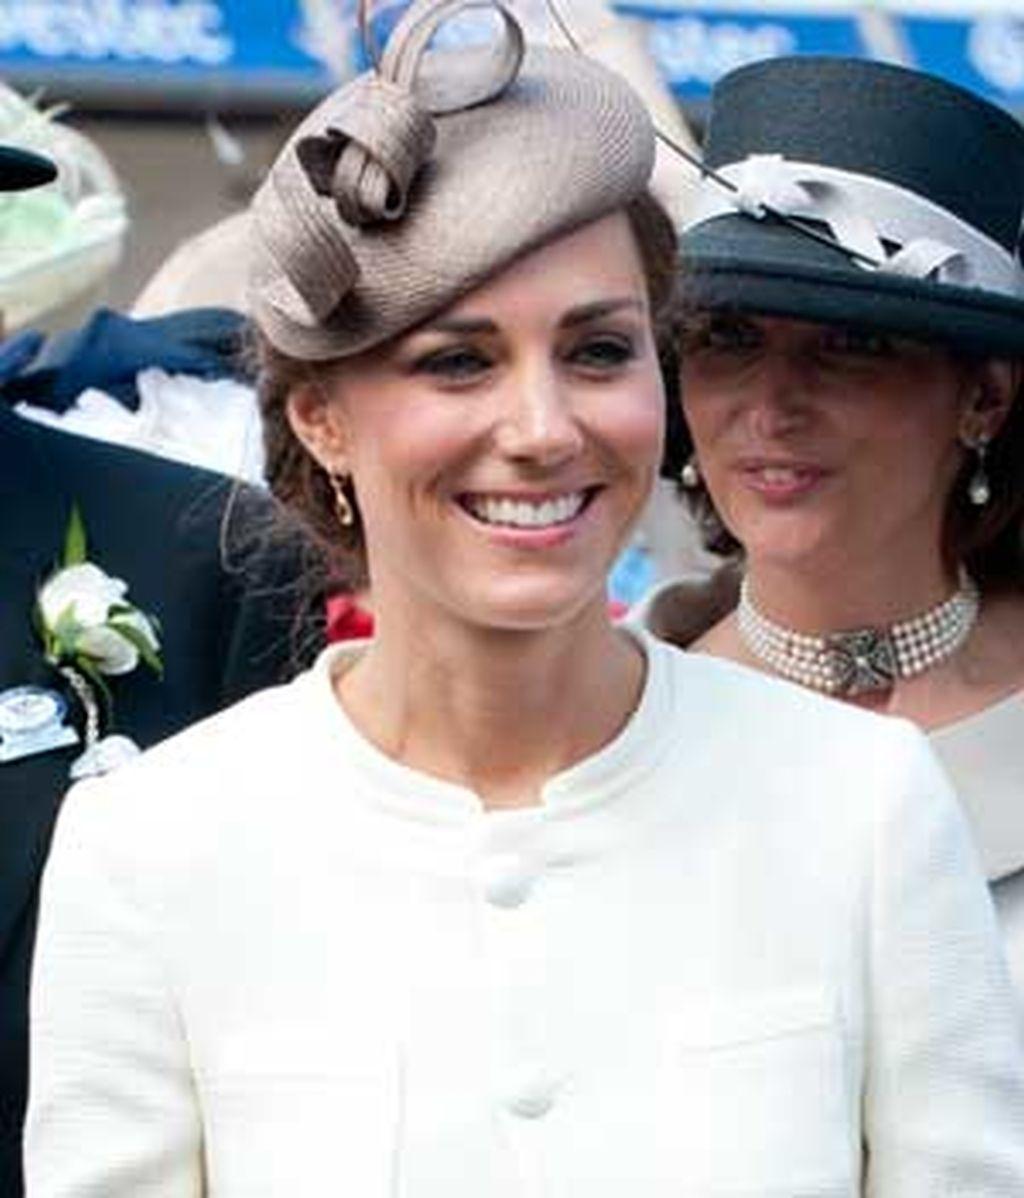 La duquesa de Cambridge, Catalina Middleton, en una imagen reciente. Foto: GTRES